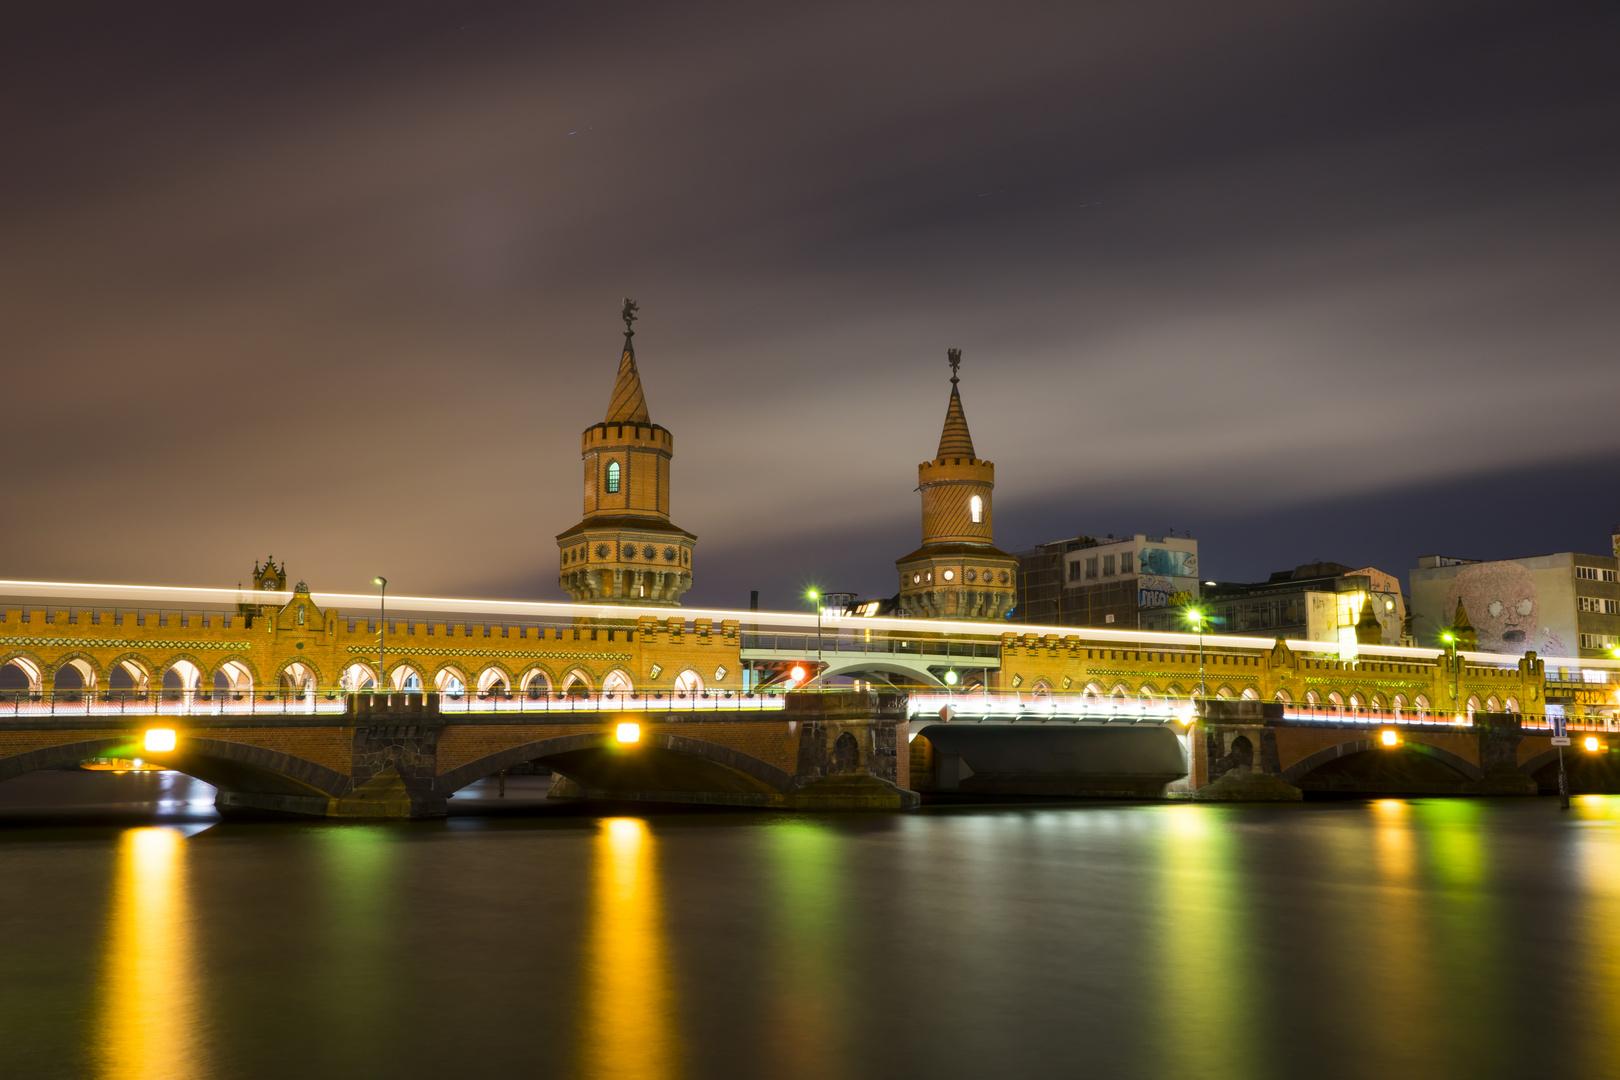 Oberbaumbrücke in stürmischer Frühlingsnacht